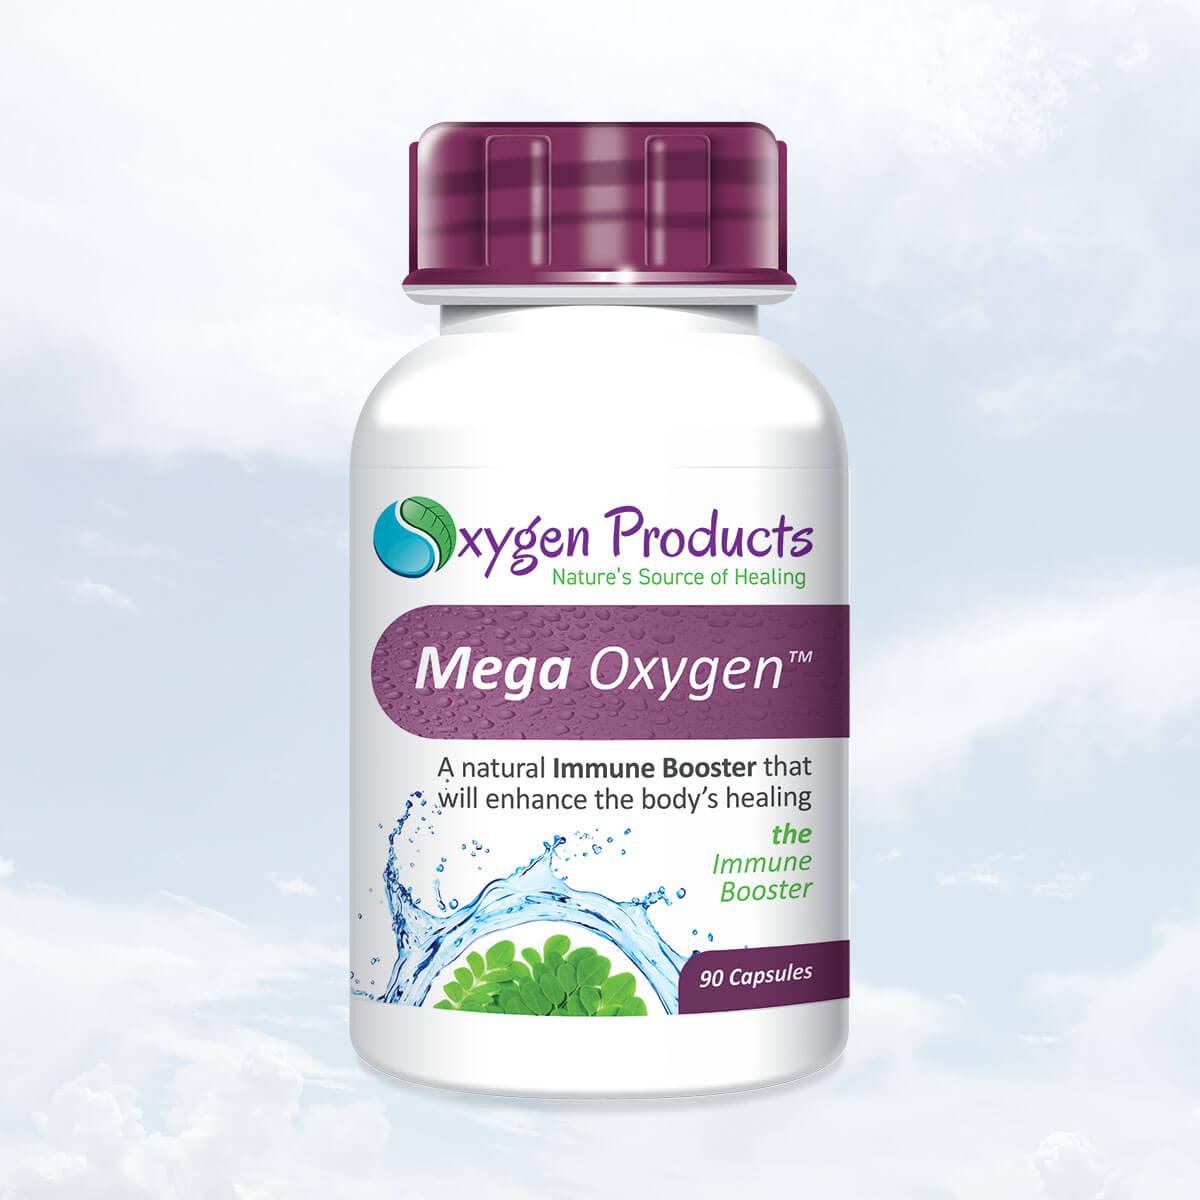 Mega Oxygen Home Image